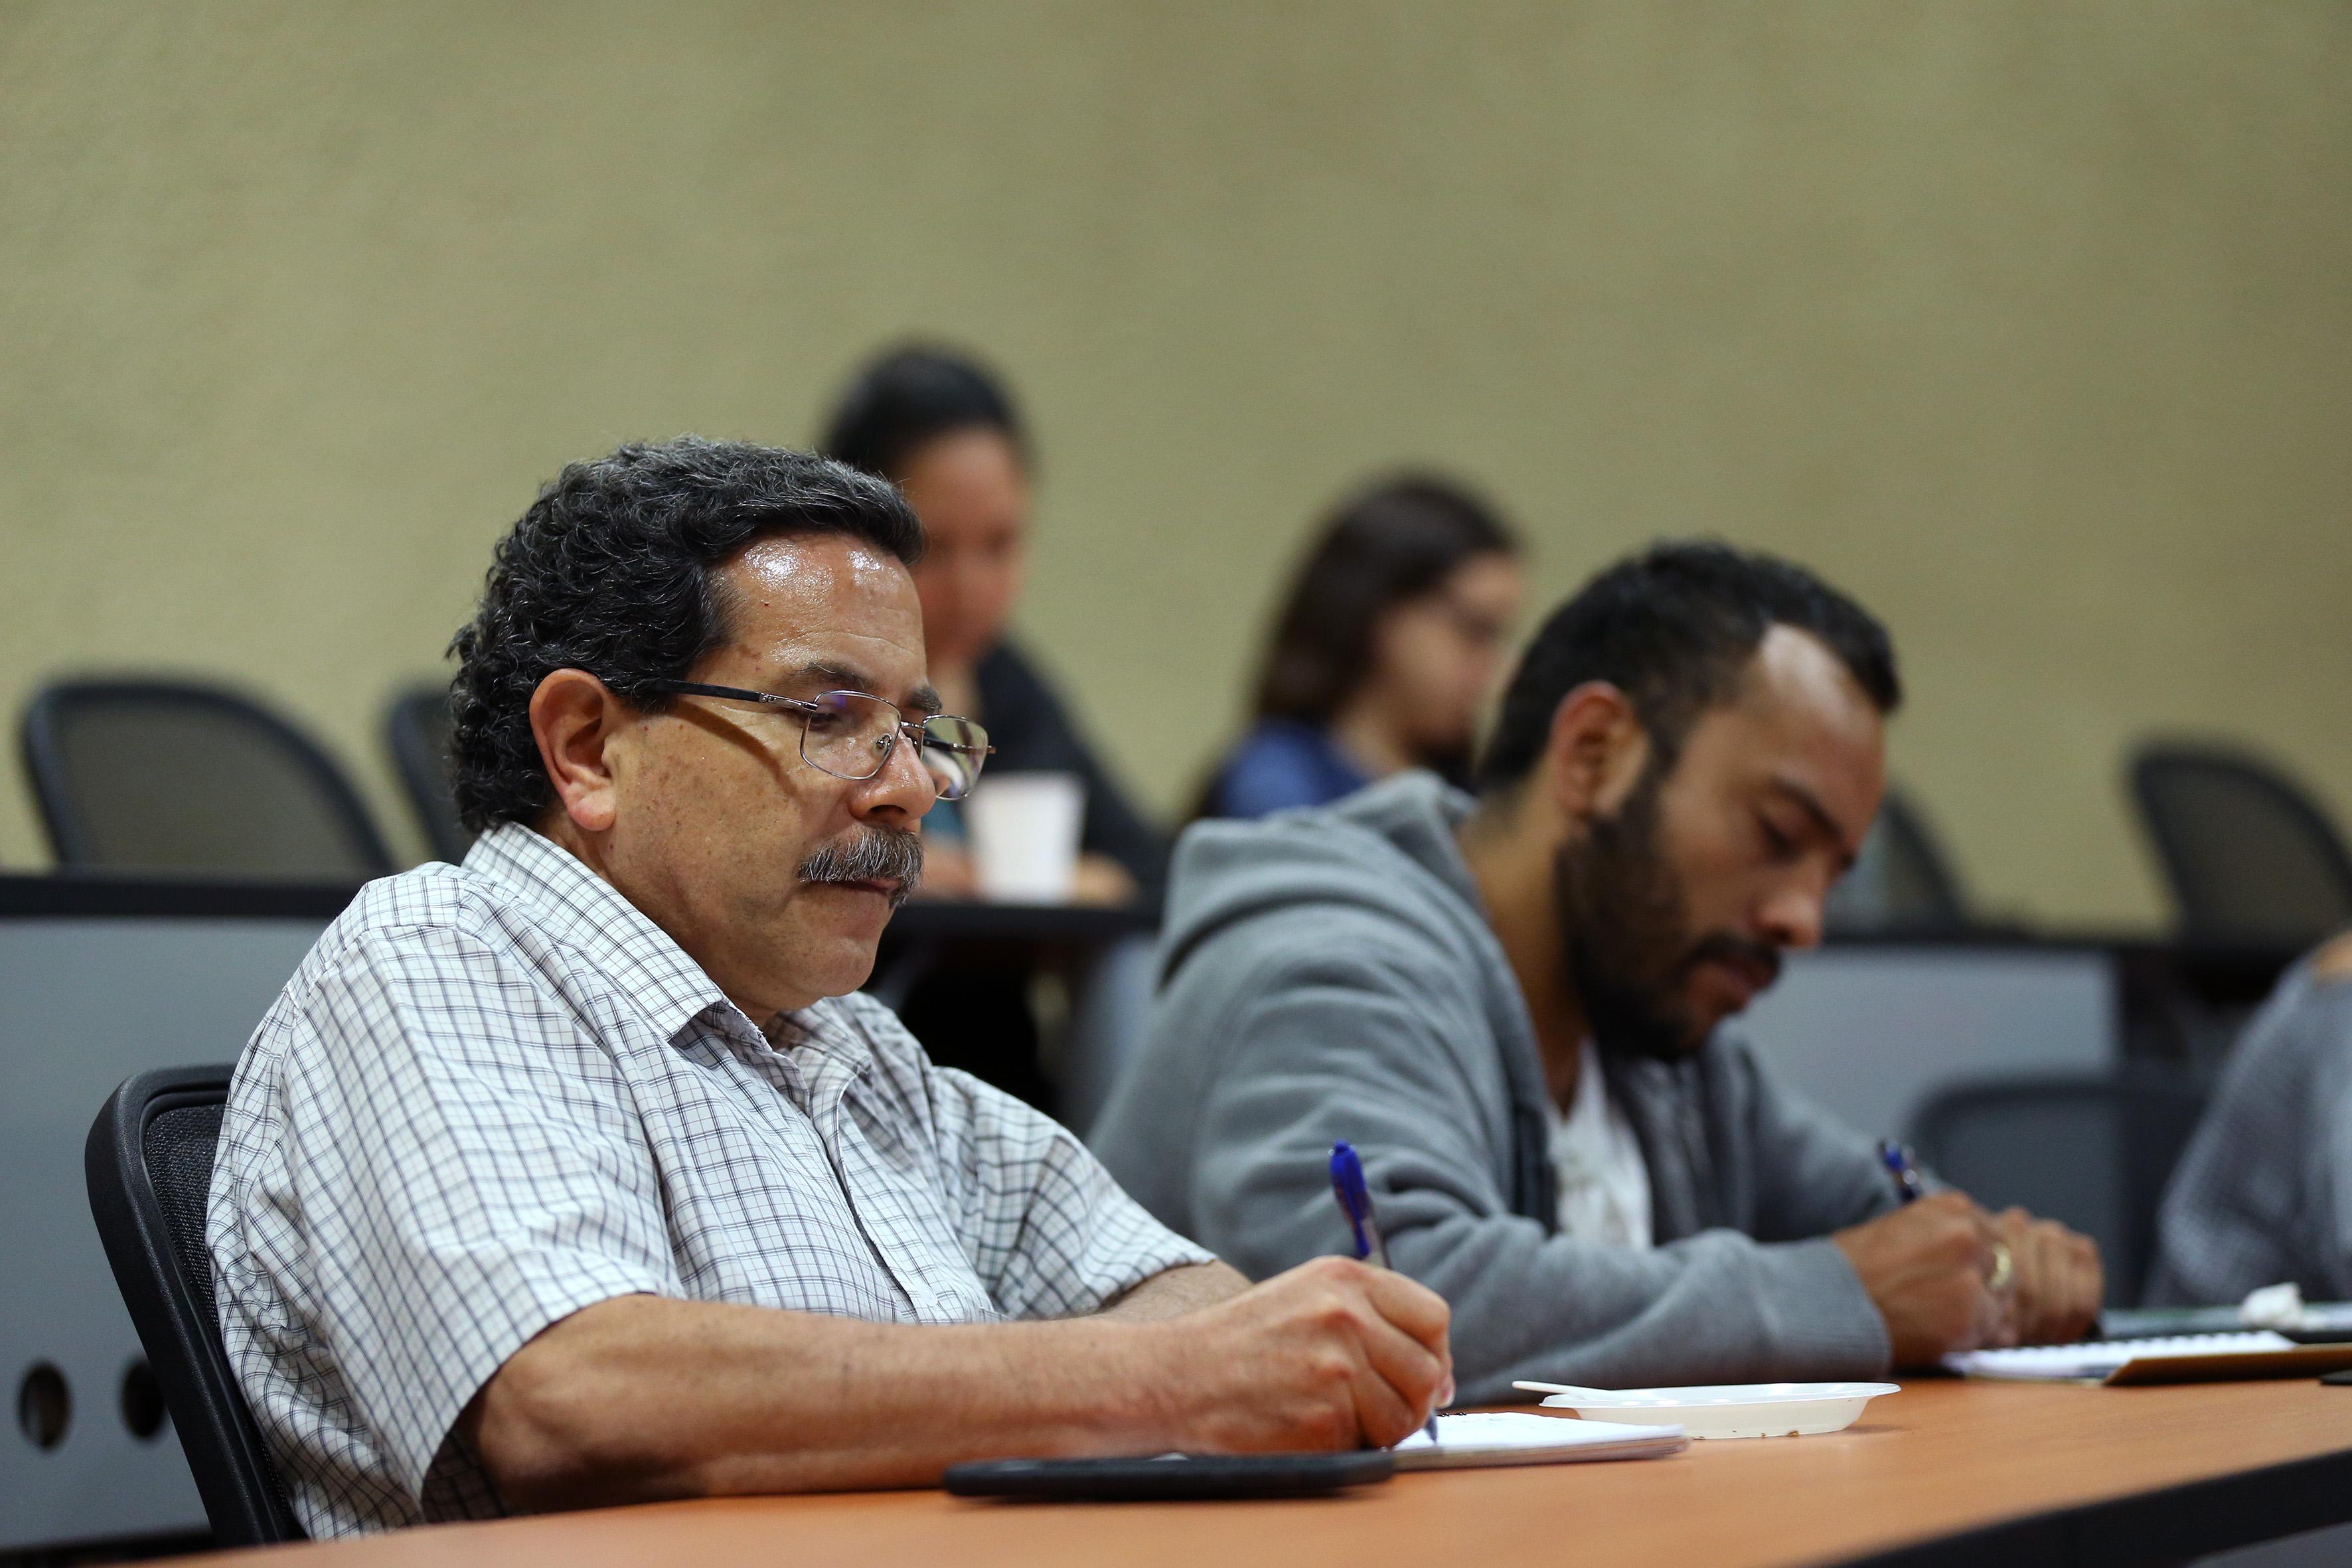 Estudiantes de doctorado tomando nota durante la videoconferencia